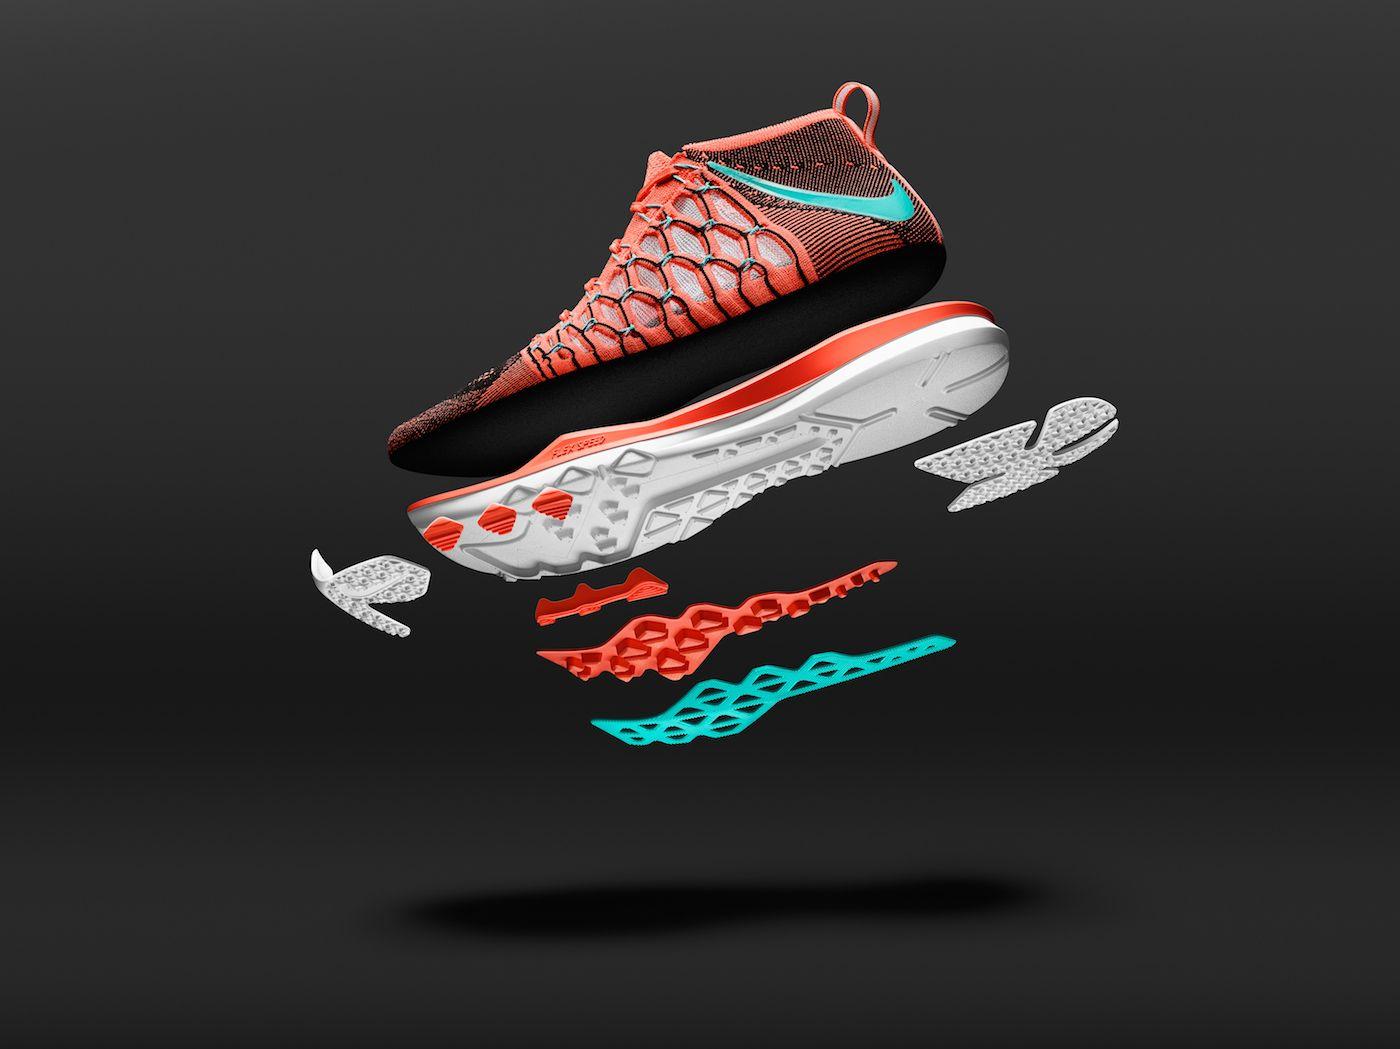 Cantidad de dinero dulce Dónde  Nike Train Ultrafast Flyknit y su propósito de ser las zapatillas más  ligeras y rápidas del mercado   Nike, Diseños de zapatos, Zapatos  deportivos de moda